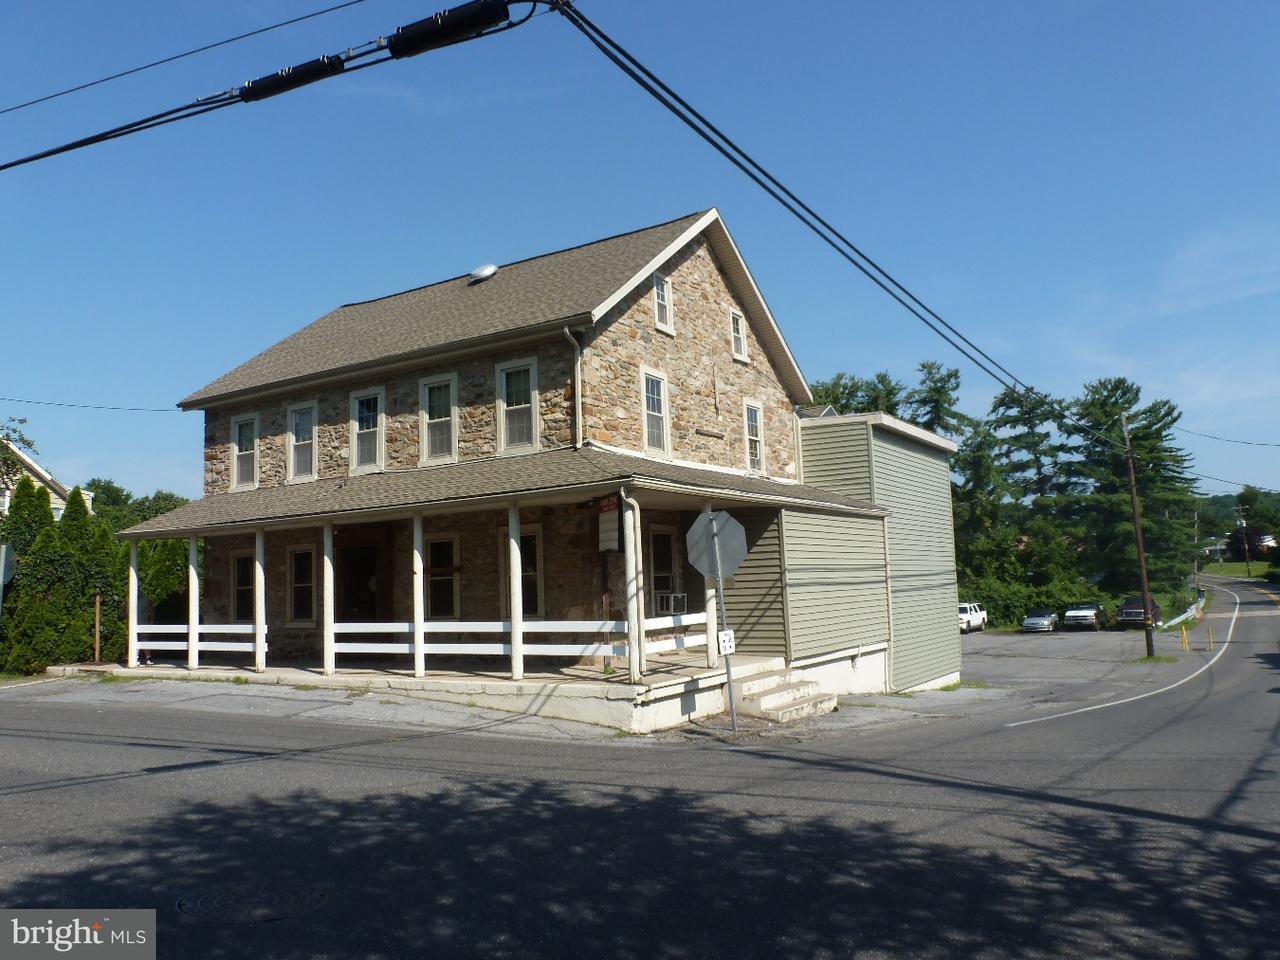 Частный односемейный дом для того Продажа на 3883 MAIN RD W Emmaus, Пенсильвания 18049 Соединенные Штаты